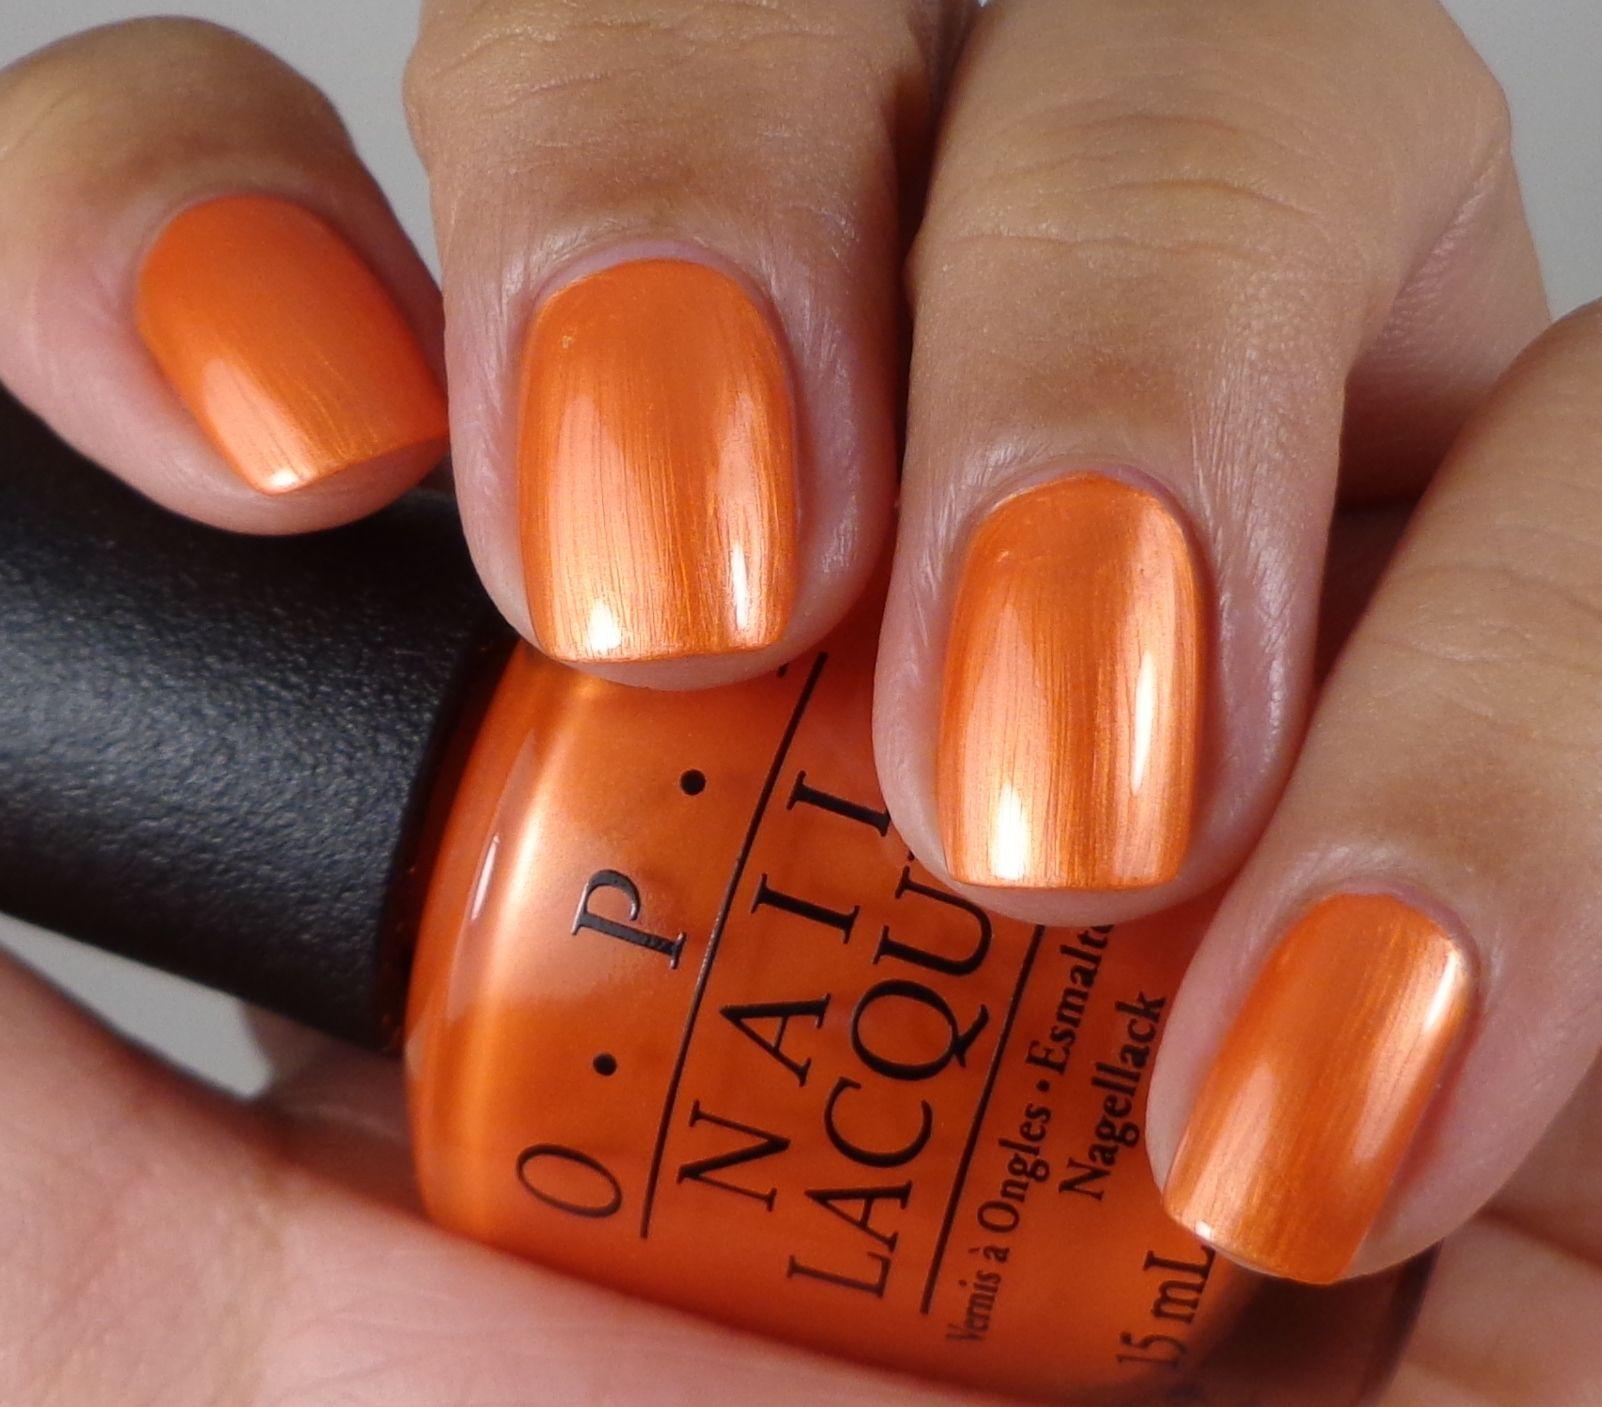 Orange Nail Polish Nz: OPI Orange You Going To The Game